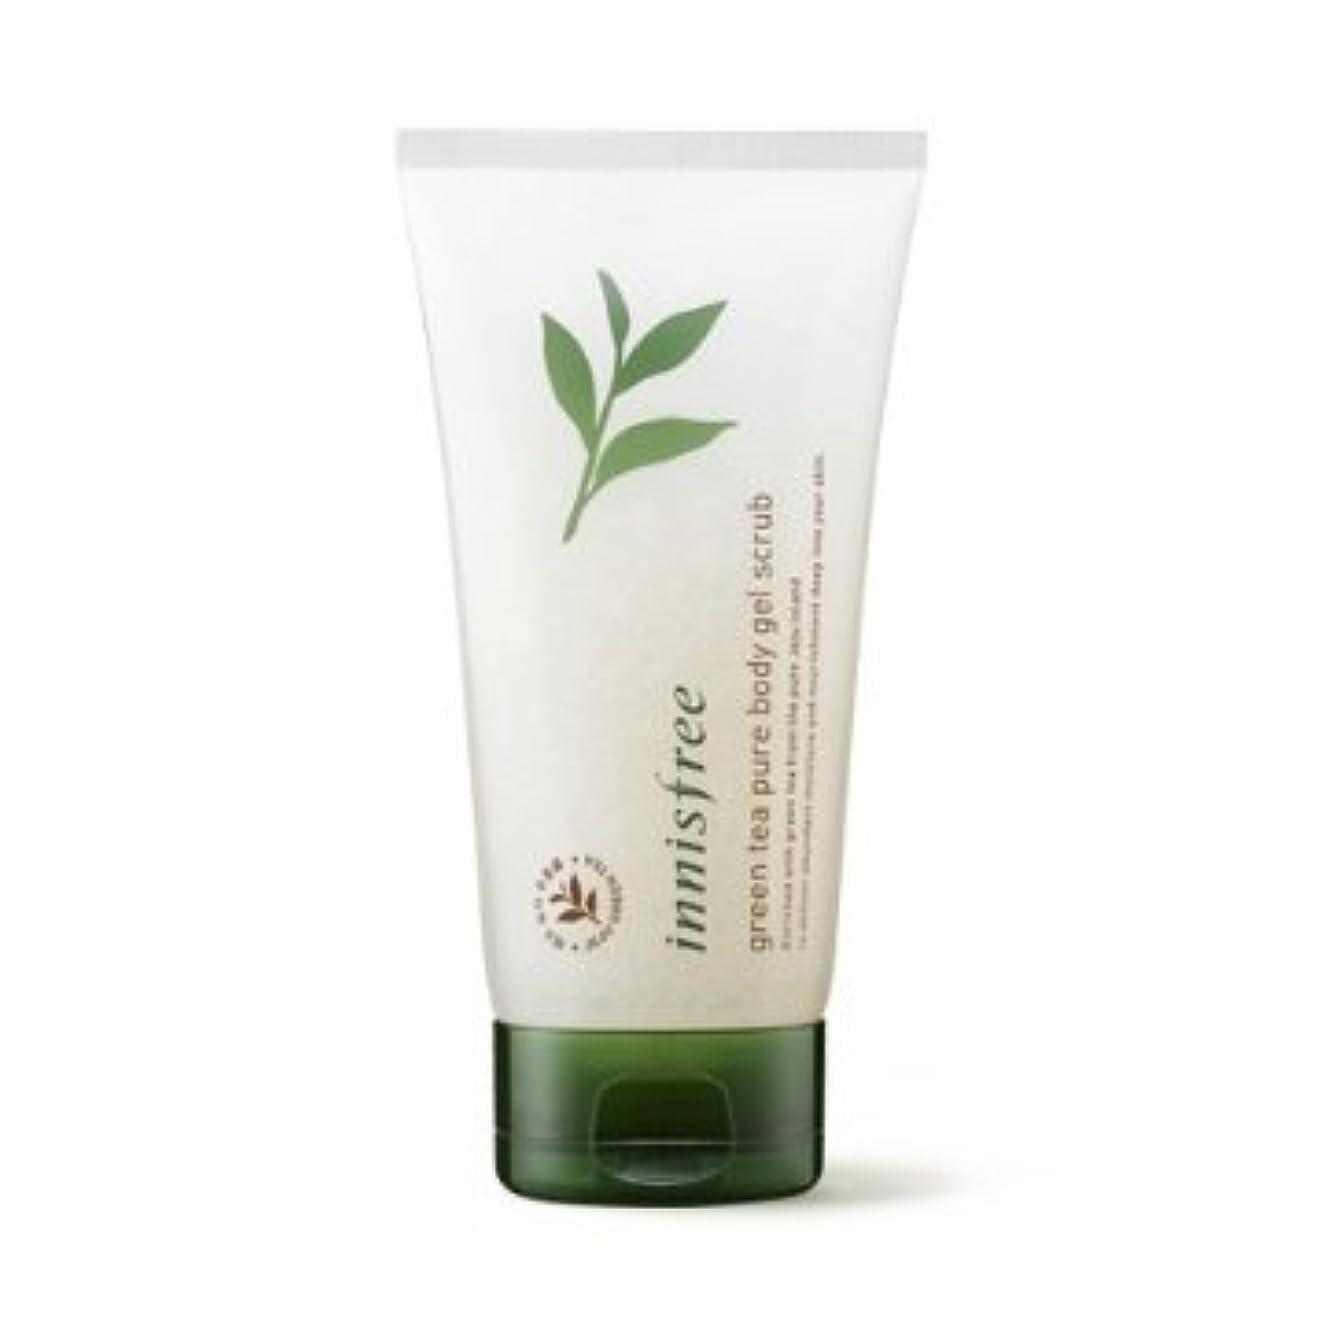 パスシットコム船乗り【イニスフリー】Innisfree green tea pure body gel scrub - 150ml (韓国直送品) (SHOPPINGINSTAGRAM)